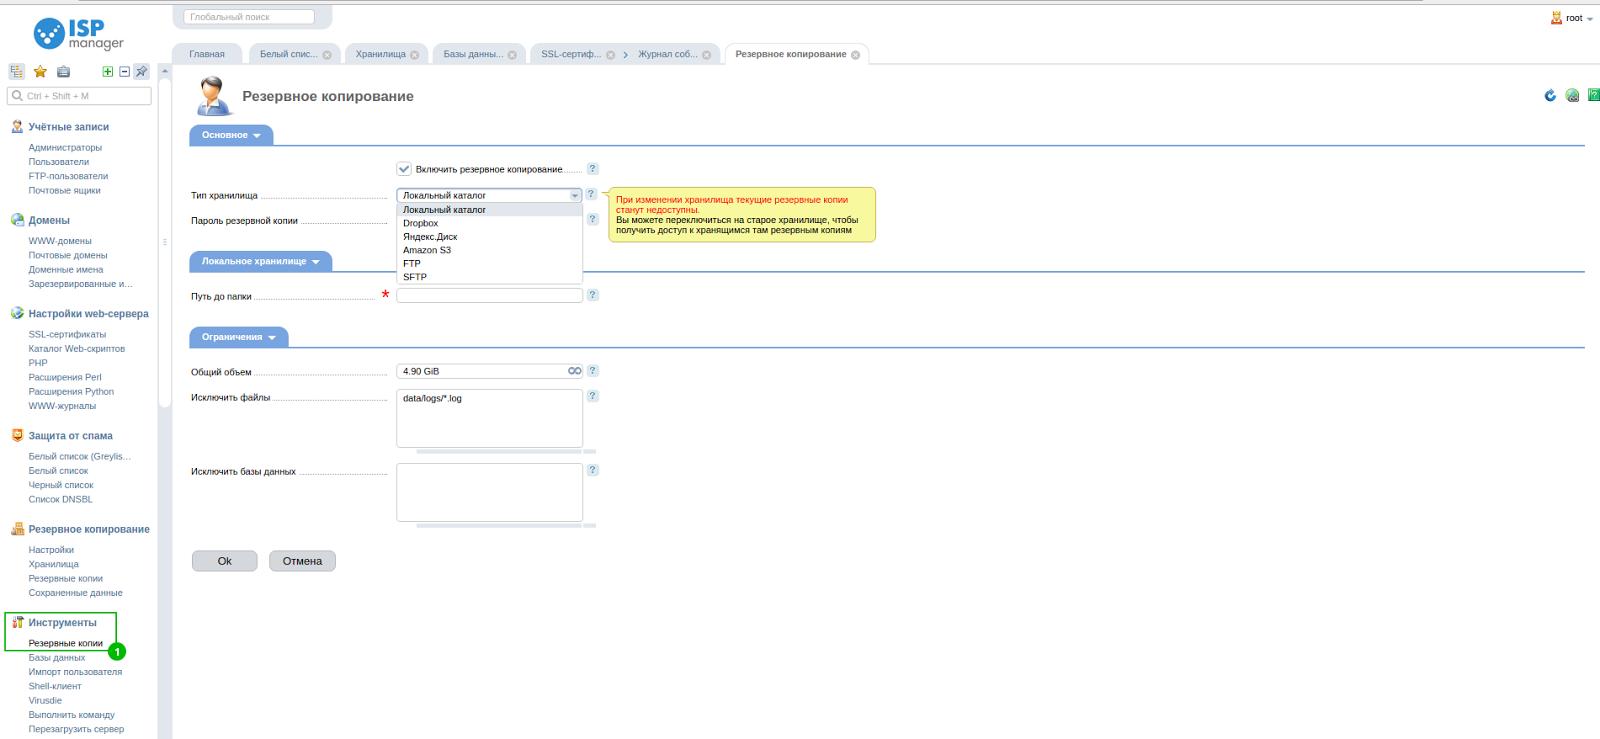 Обзор ISPmanager – панели управления хостингом и сайтами - 9